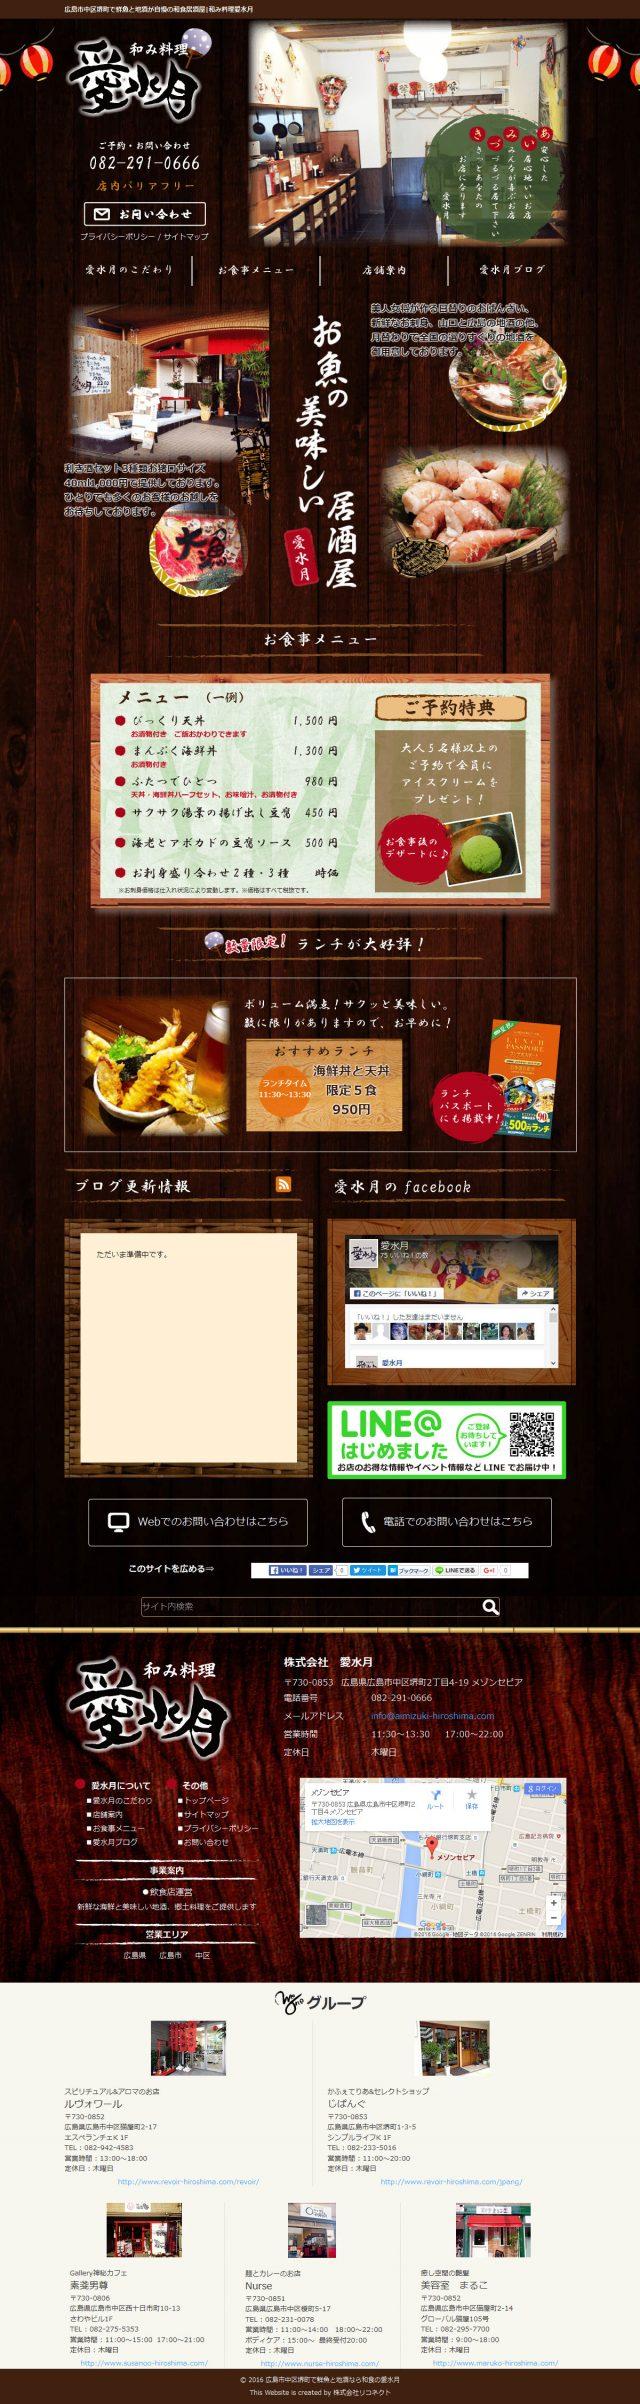 広島県広島市 鮮魚と地酒が自慢の和食居酒屋 愛水月 様